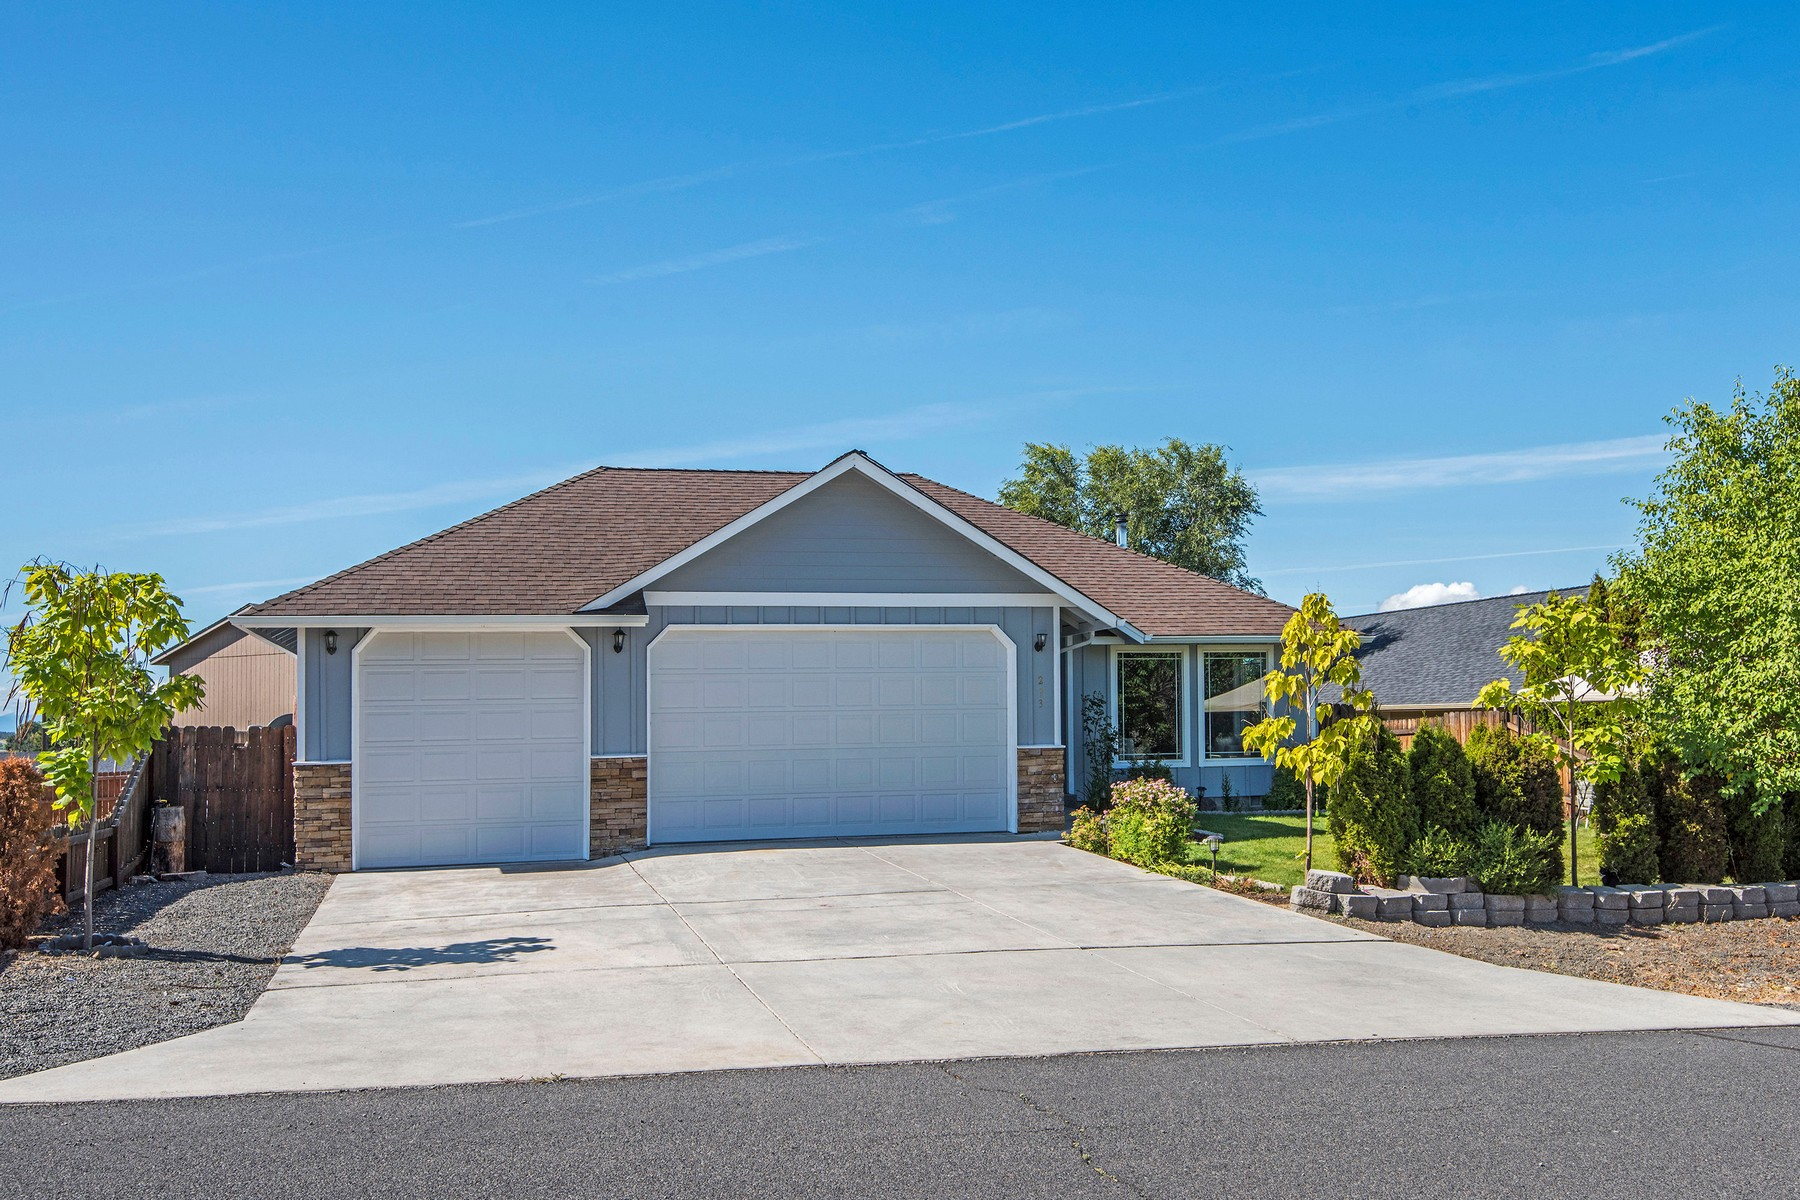 Single Family Homes için Satış at 293 Ridgeview Drive Culver. OR Culver, Oregon 97734 Amerika Birleşik Devletleri